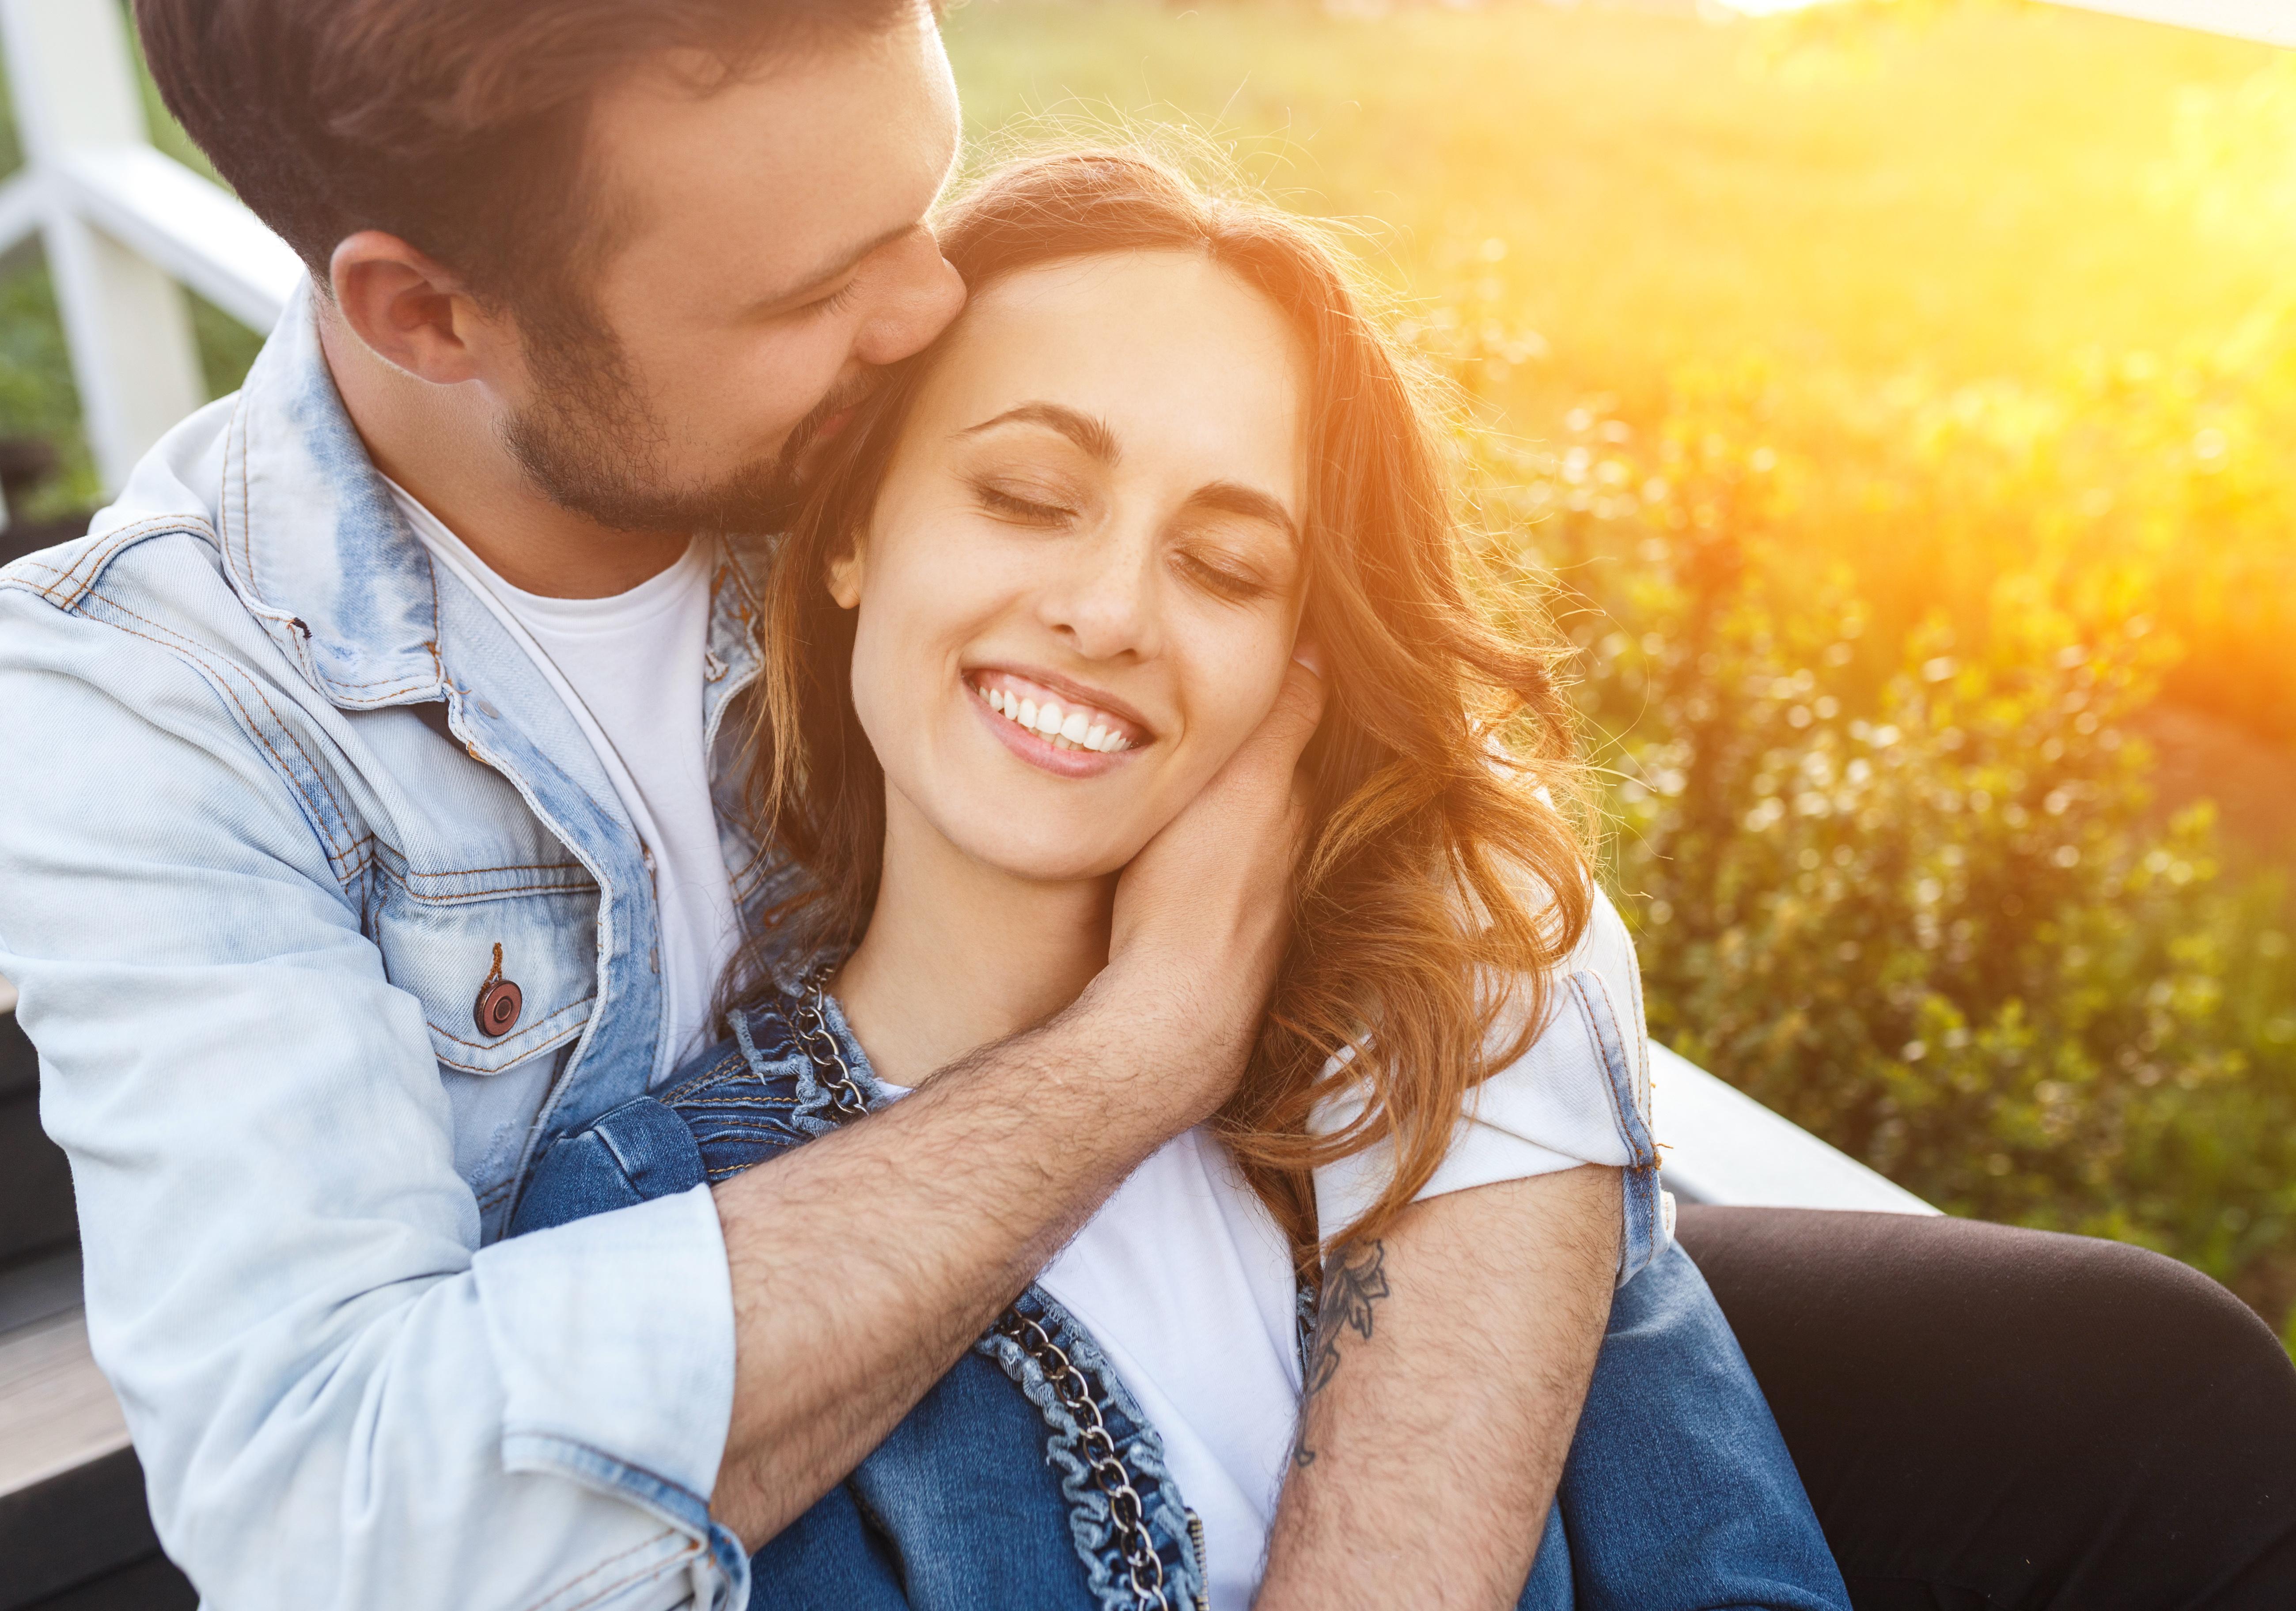 Fakty na temat związków randkowych